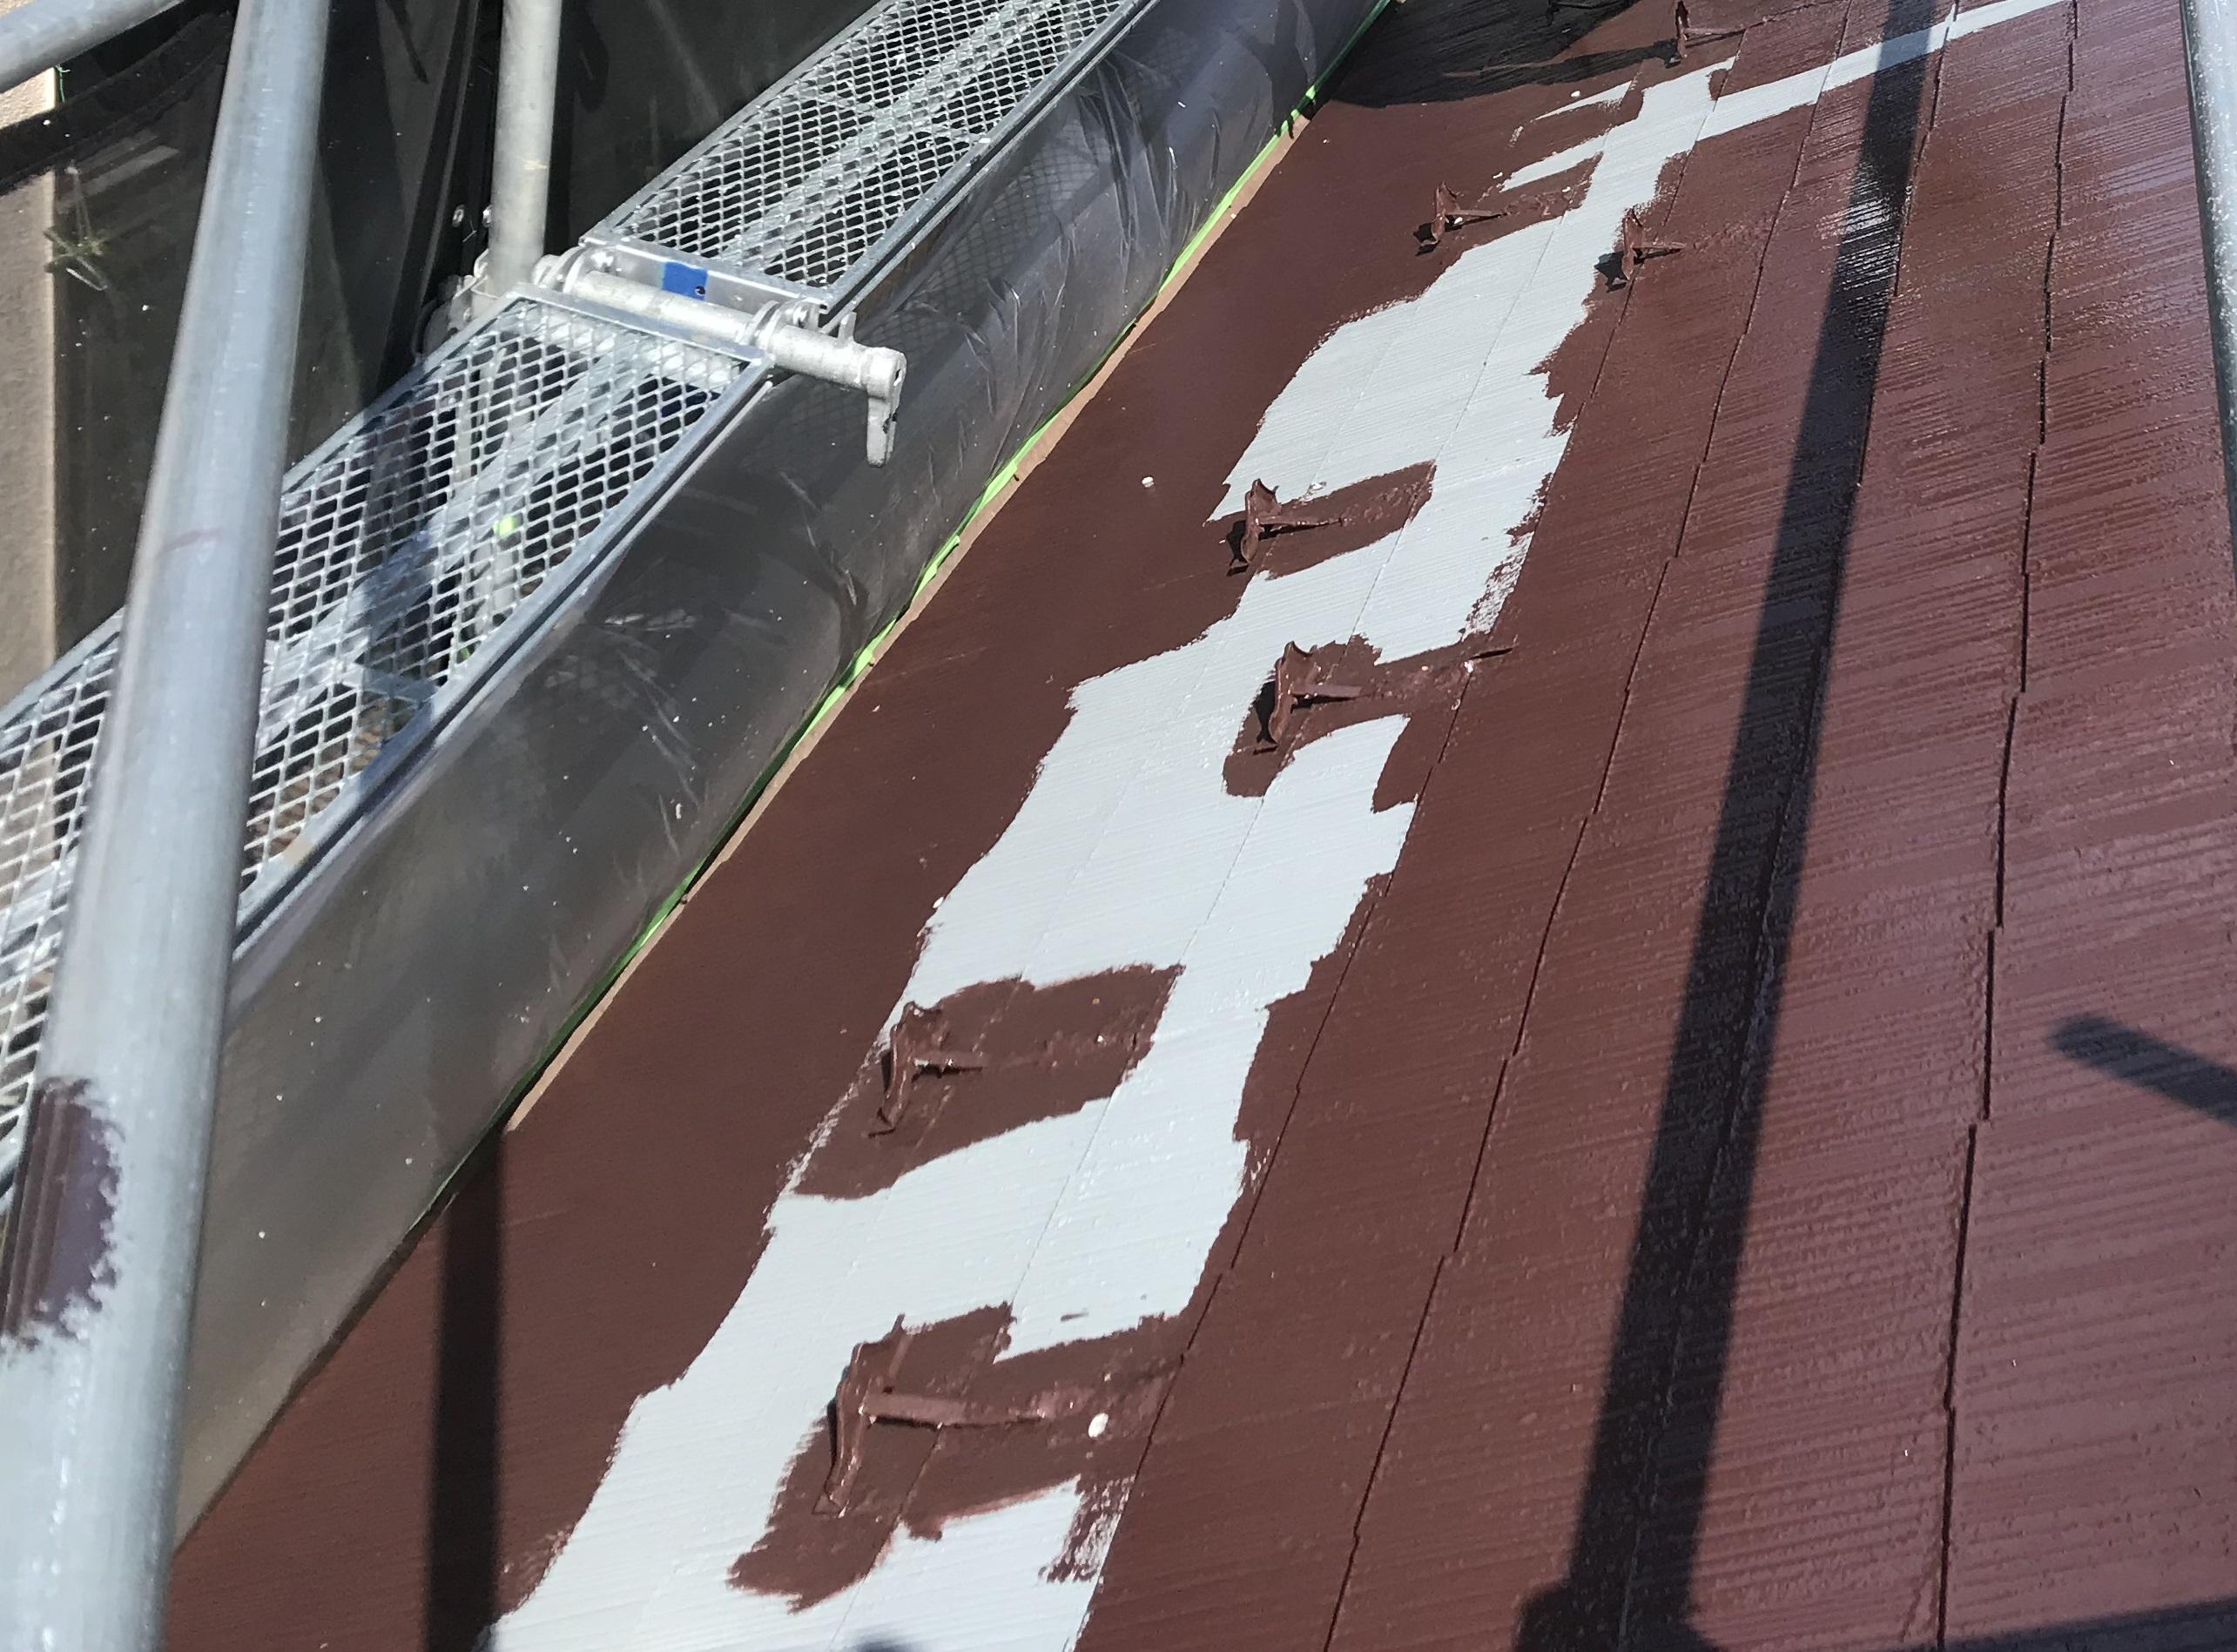 伊奈町スレート屋根にアステックスーパーシャネツサーモで雪止めを除けて中塗り作業